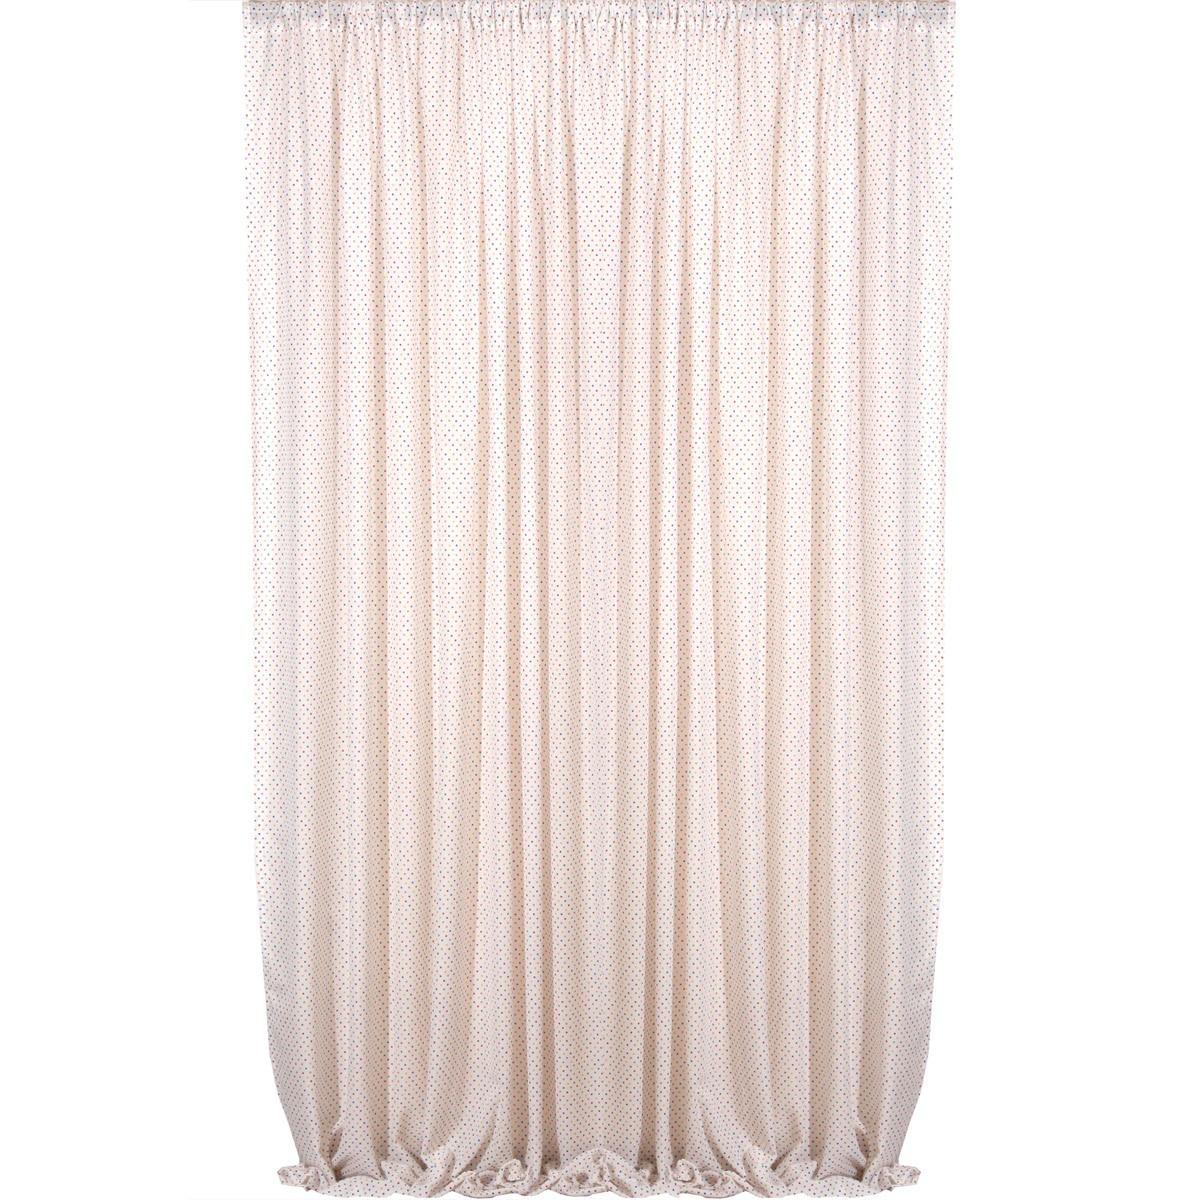 Παιδική Κουρτίνα (160×270) Viopros Curtains Γάζα Πουά Πολύχρωμο